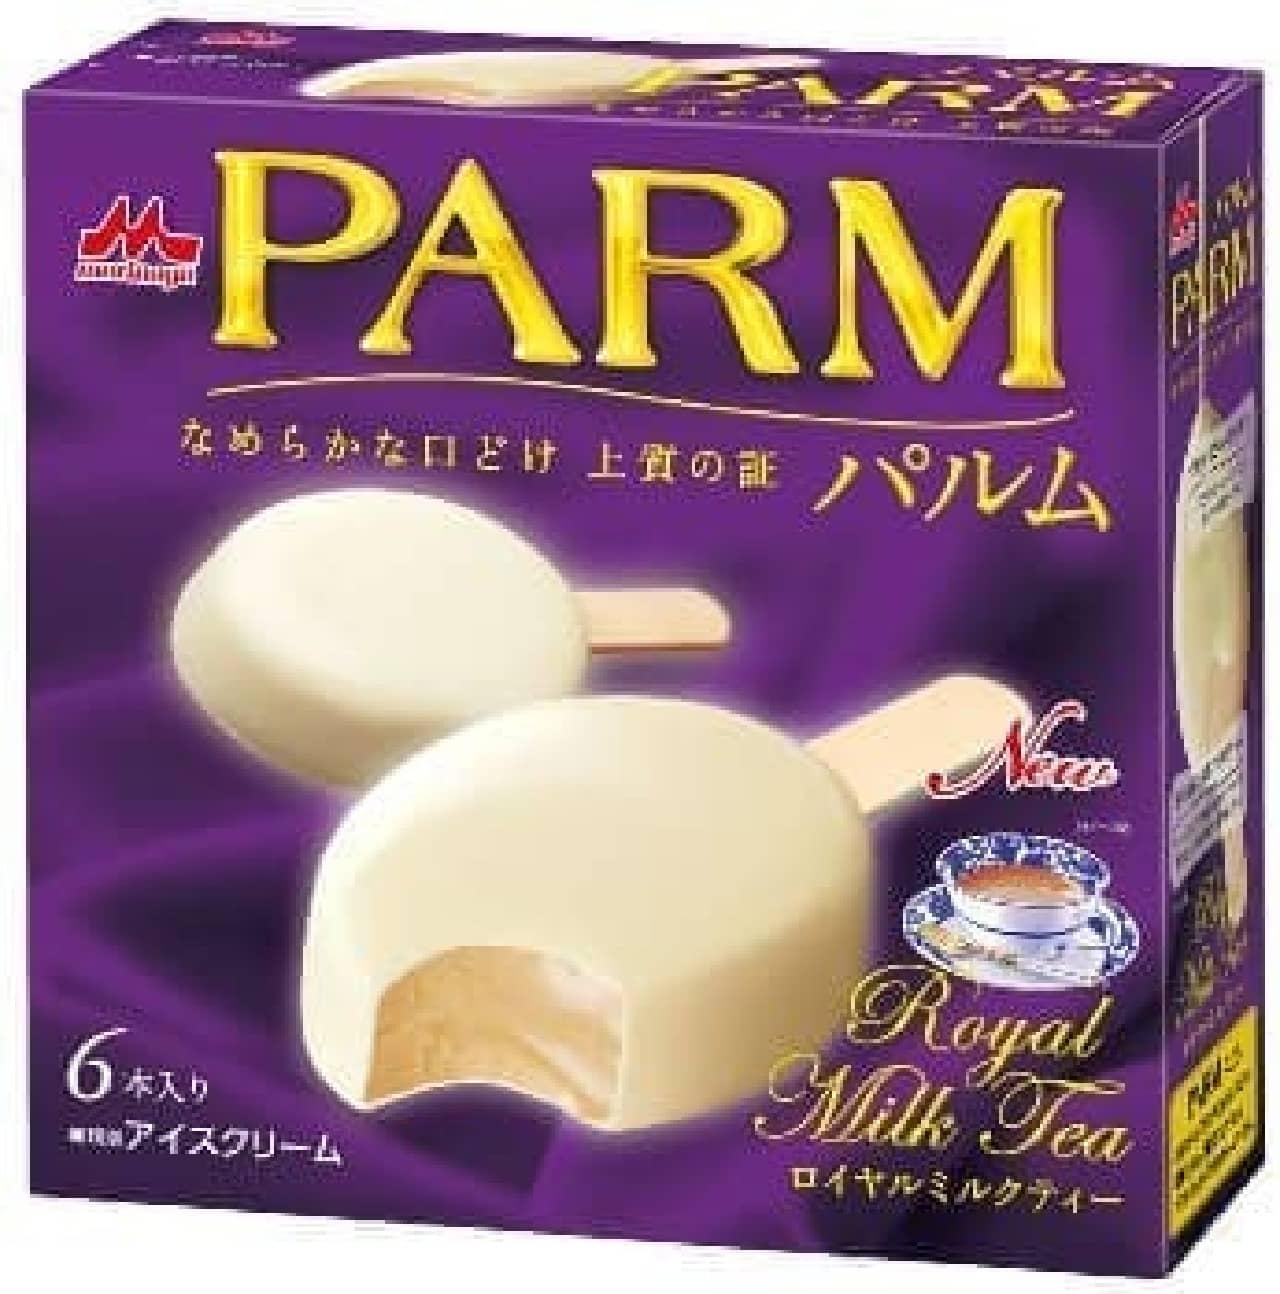 「PARM ロイヤルミルクティー」